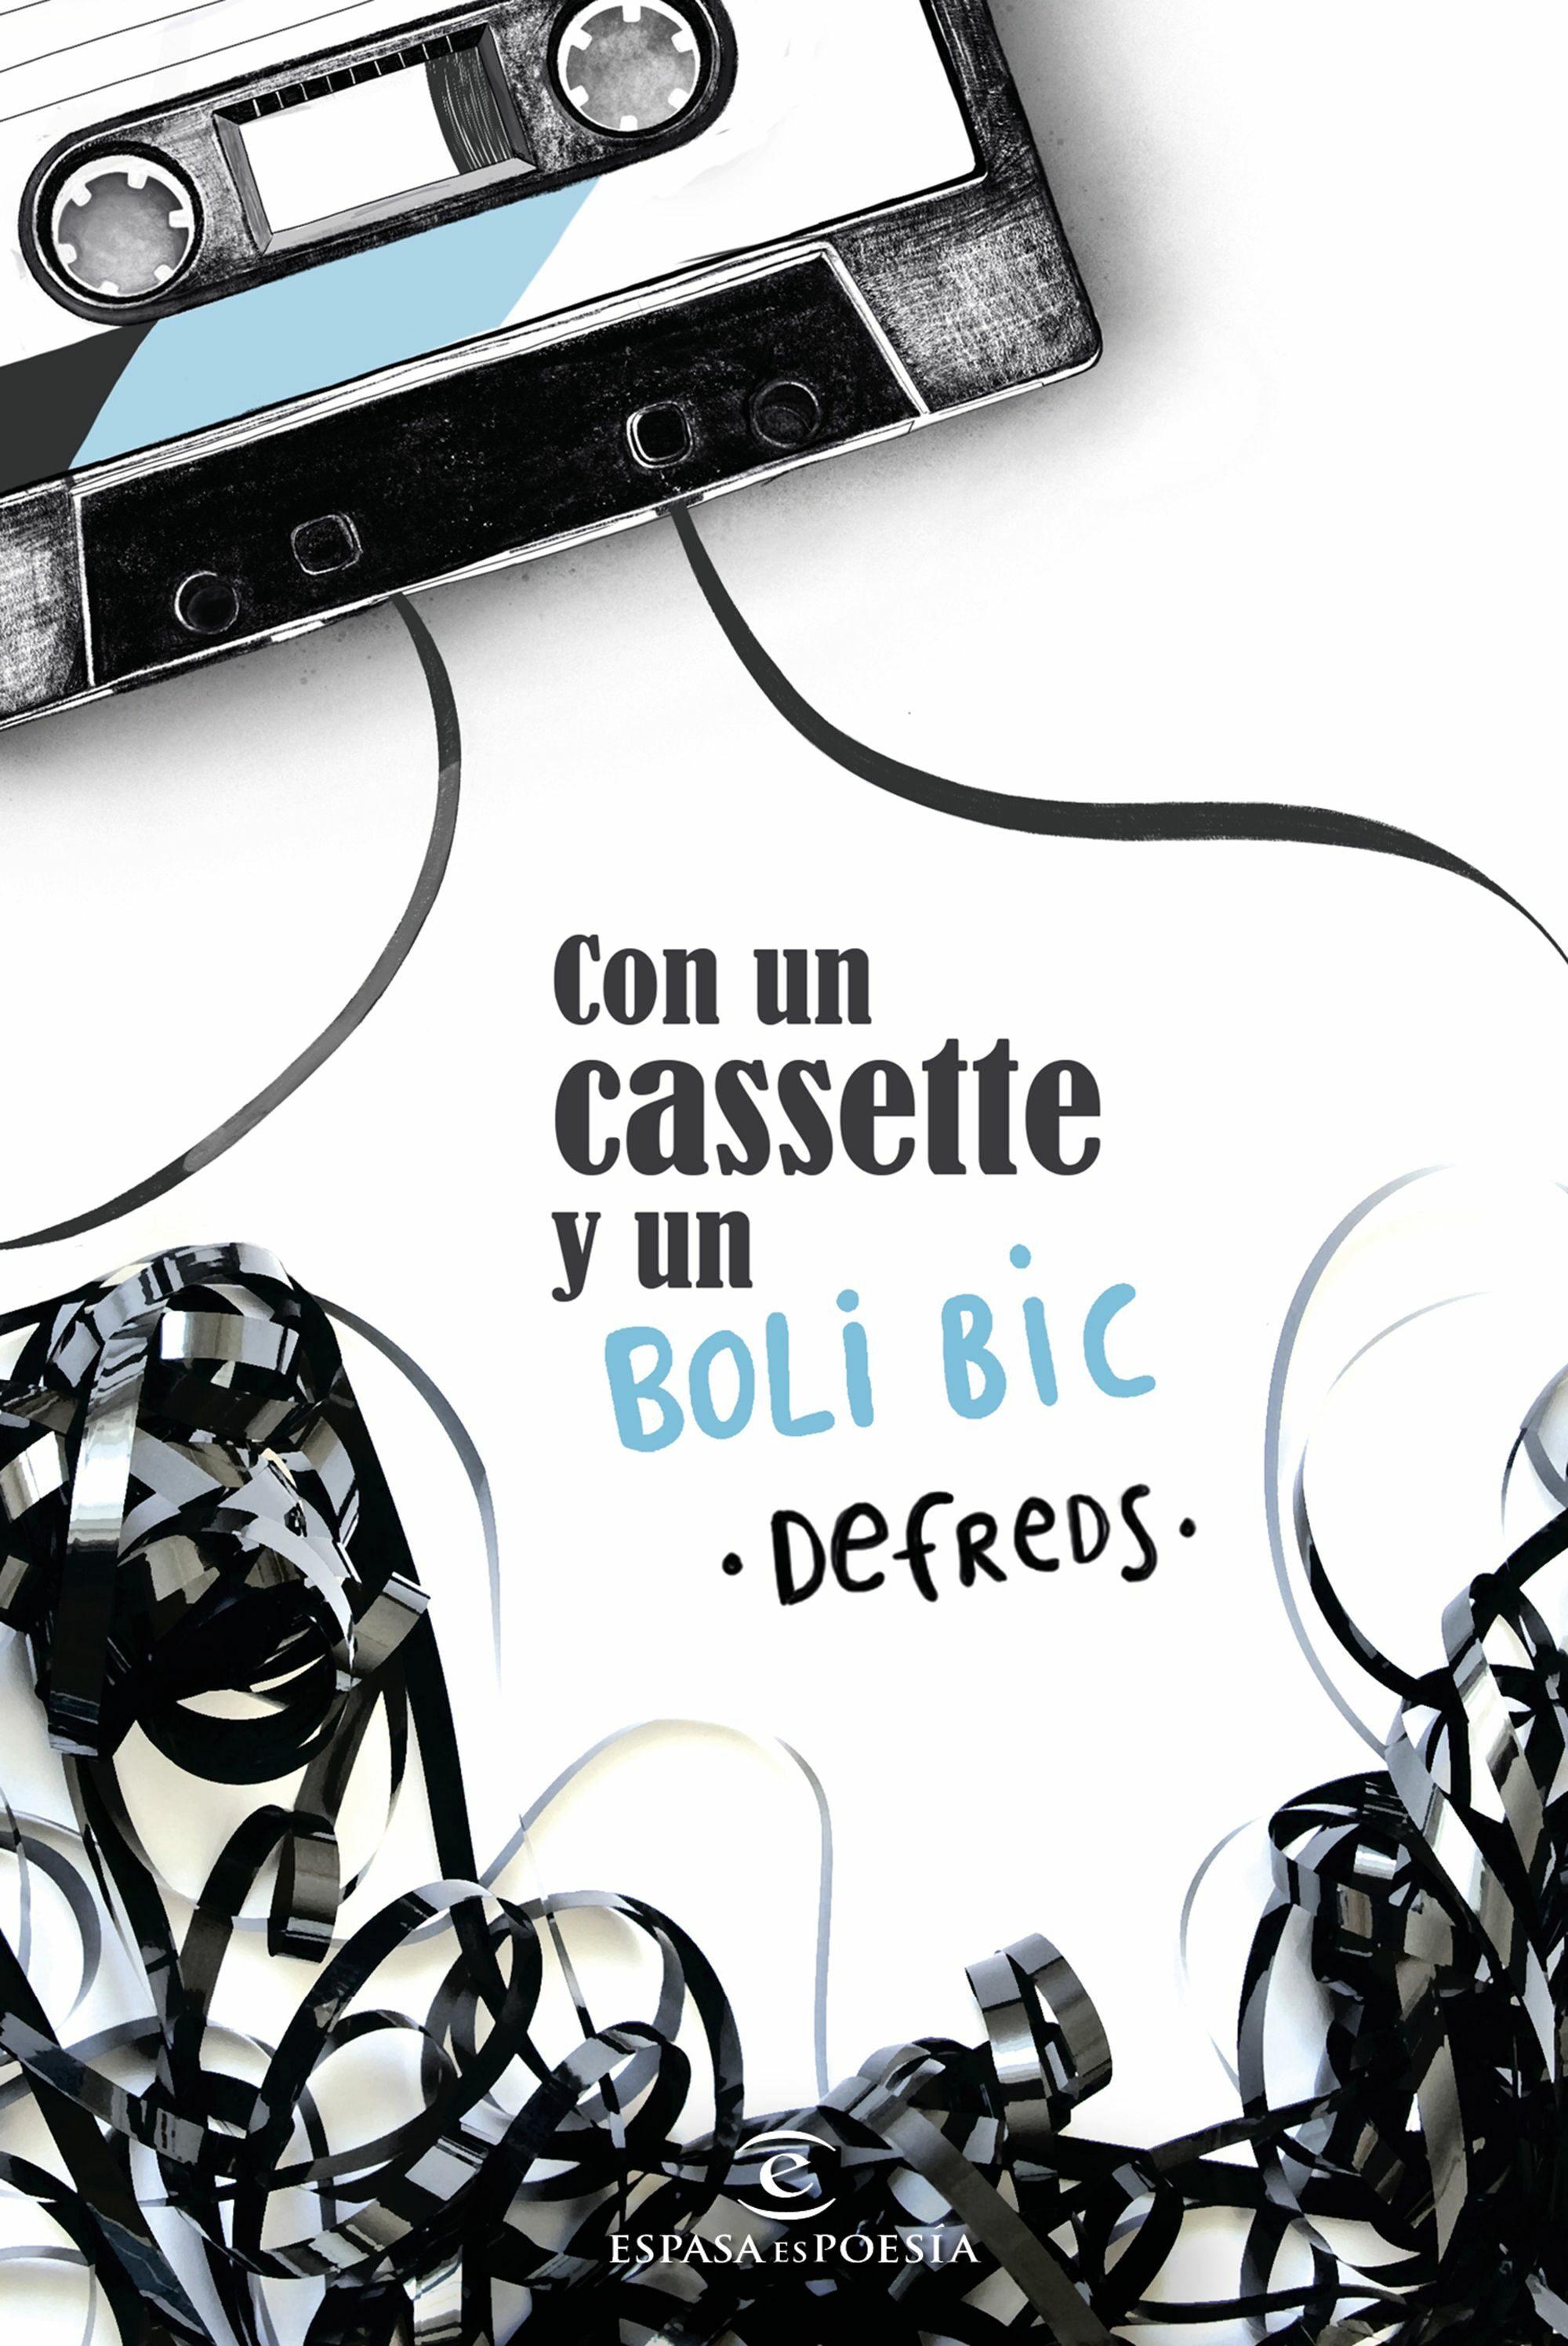 Con Un Cassette Y Un Boli Bic por Defreds Jose. A. Gomez Iglesias